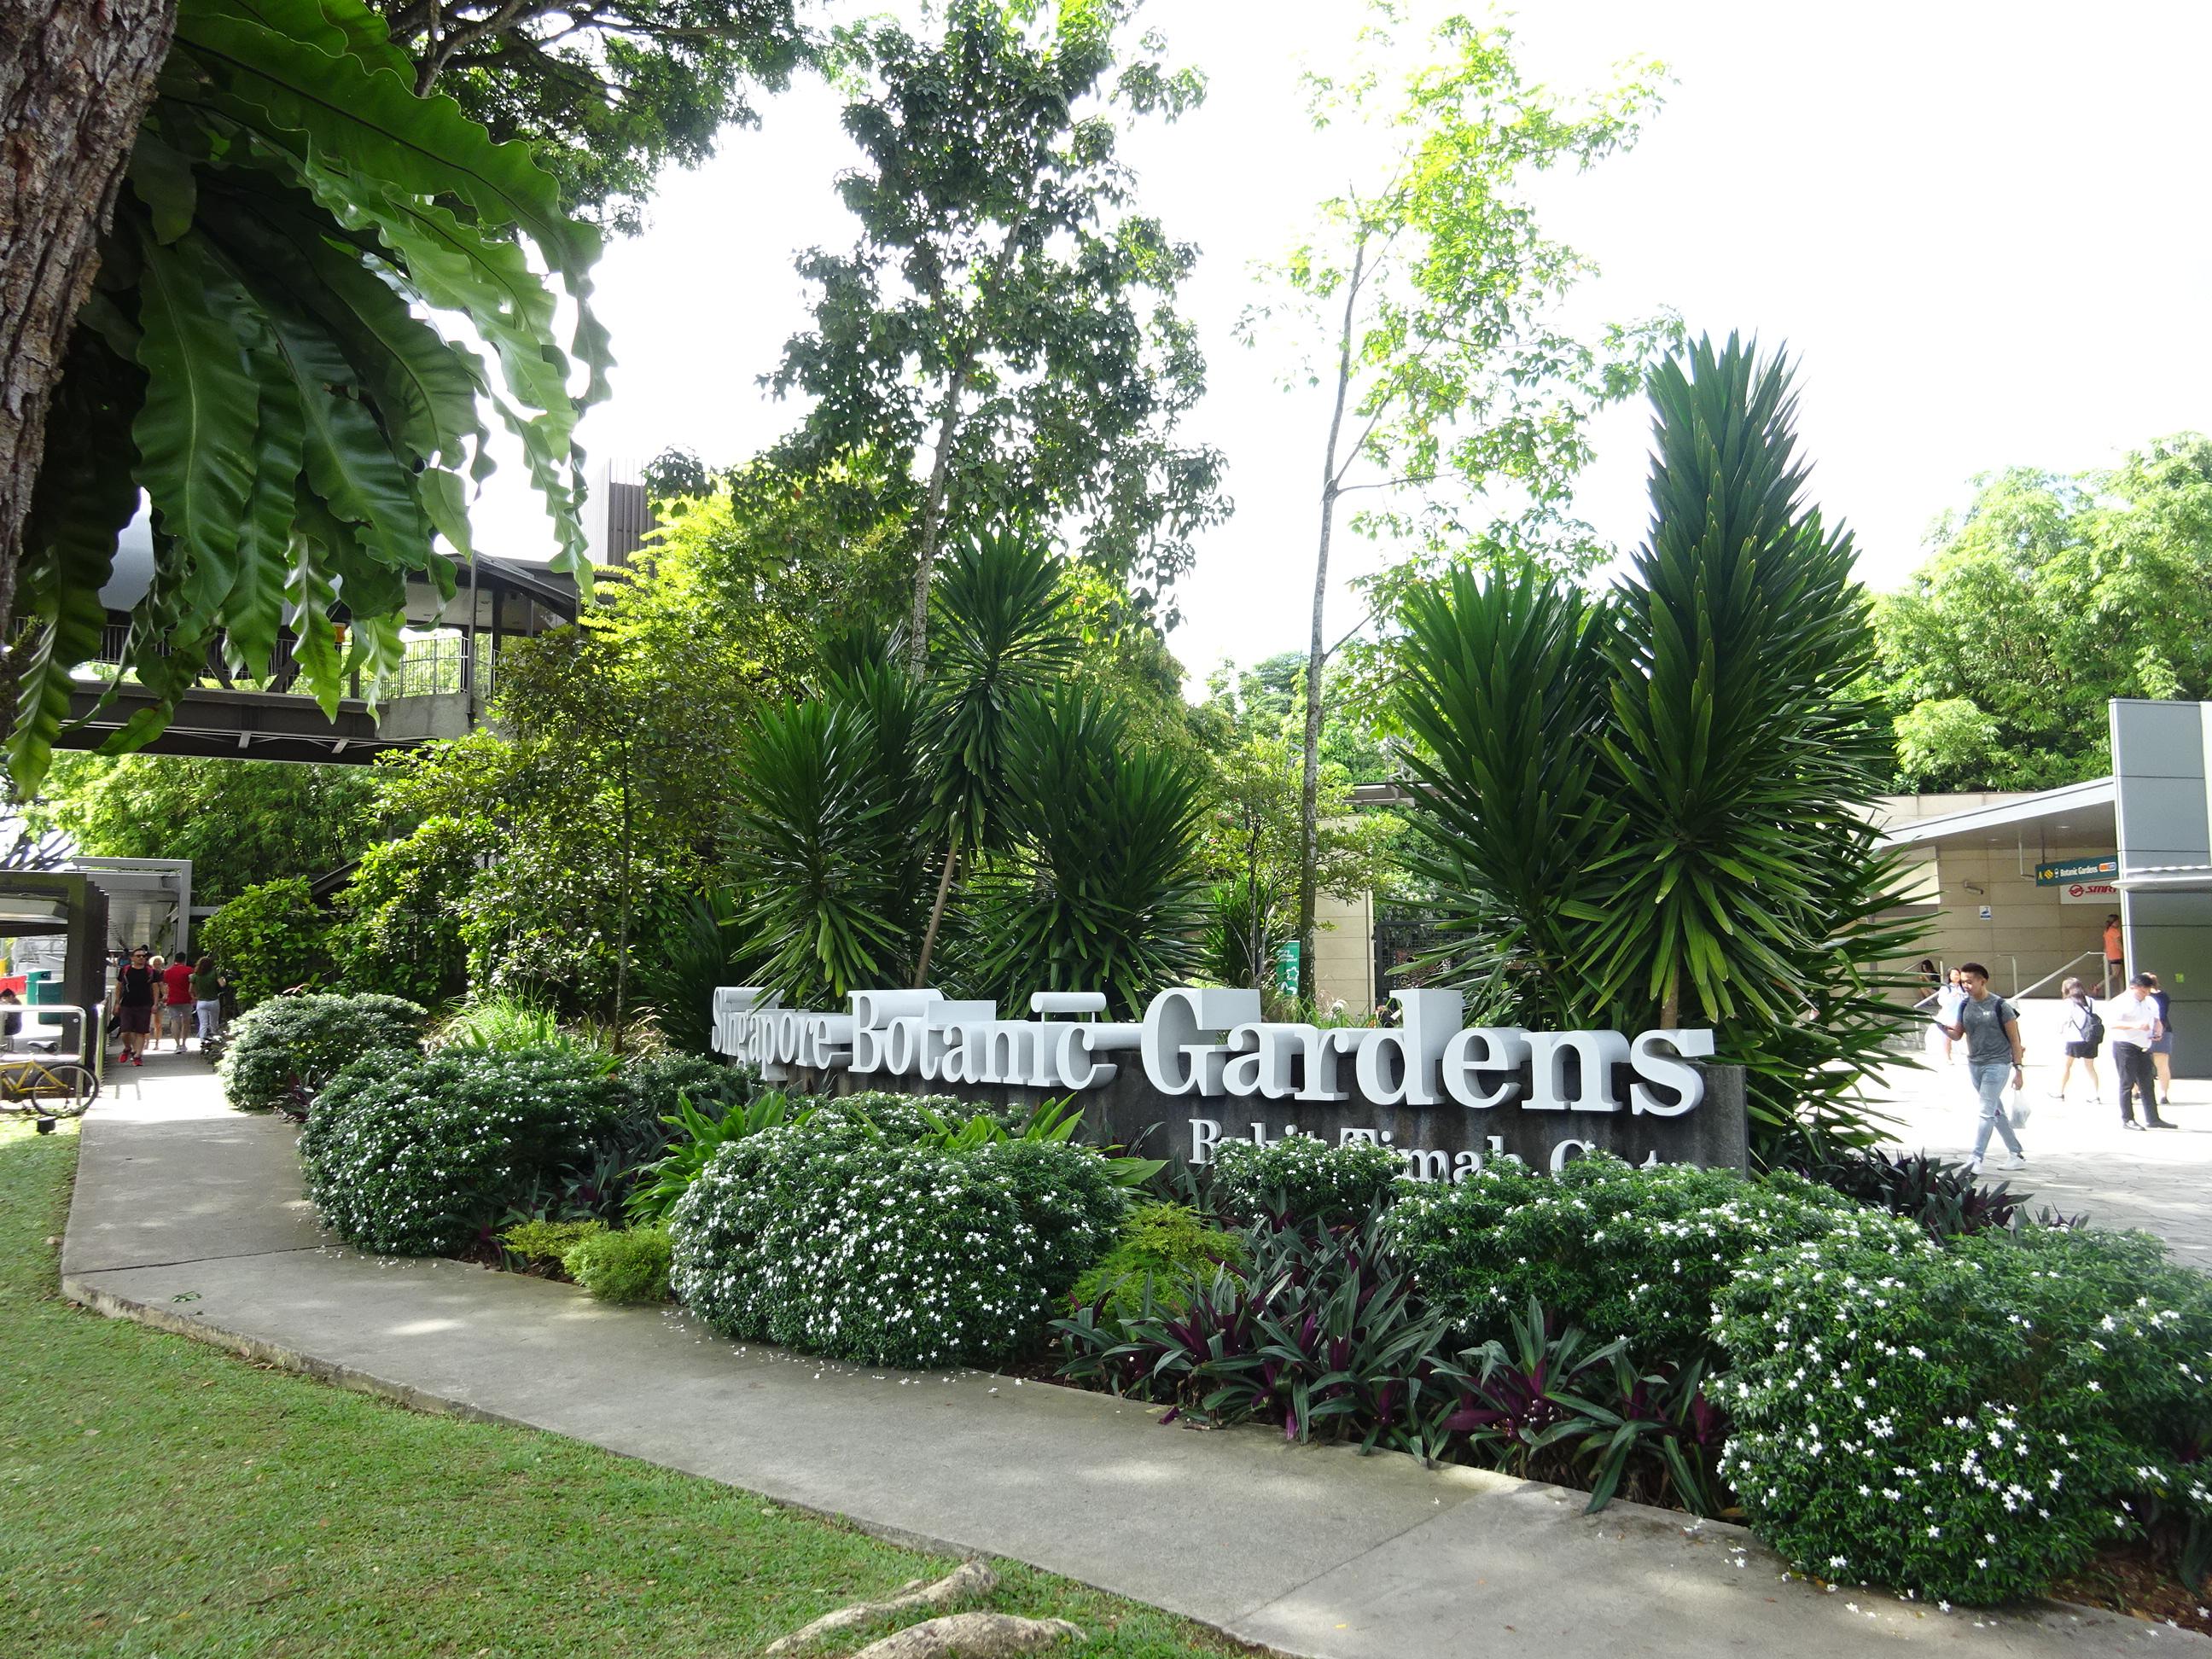 シンガポール植物園(ボタニック ガーデンズ)の入り口の風景